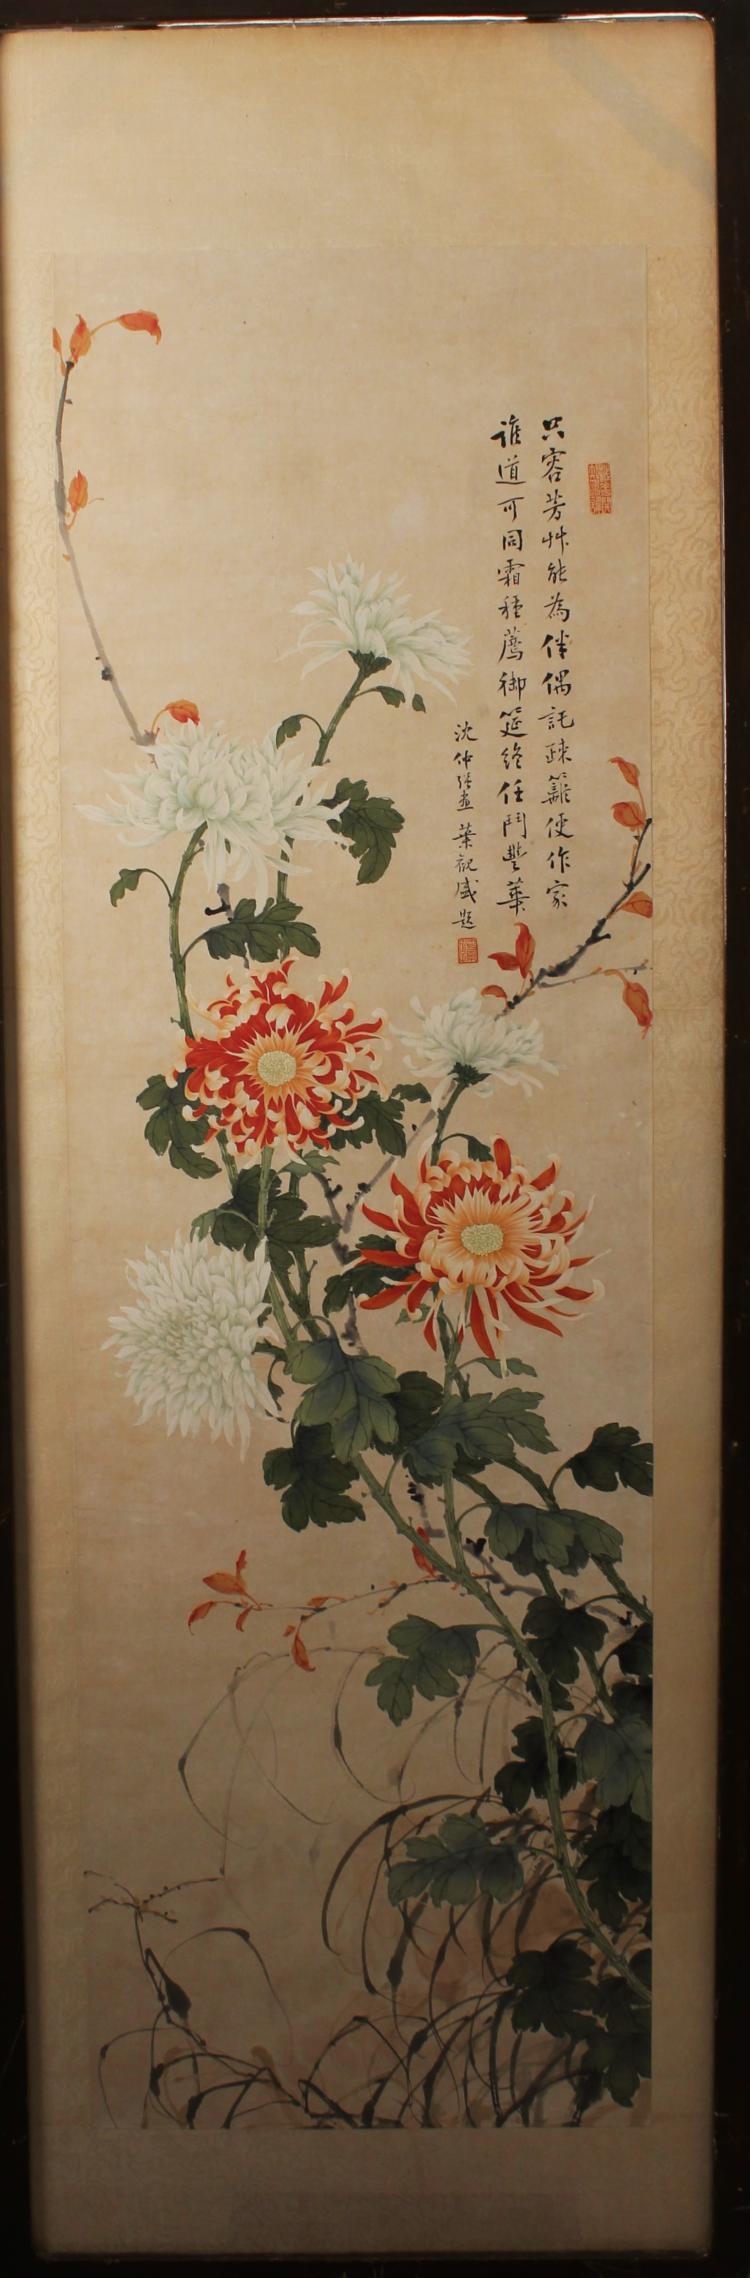 SHENZHONGQIANG_Chinese Painting